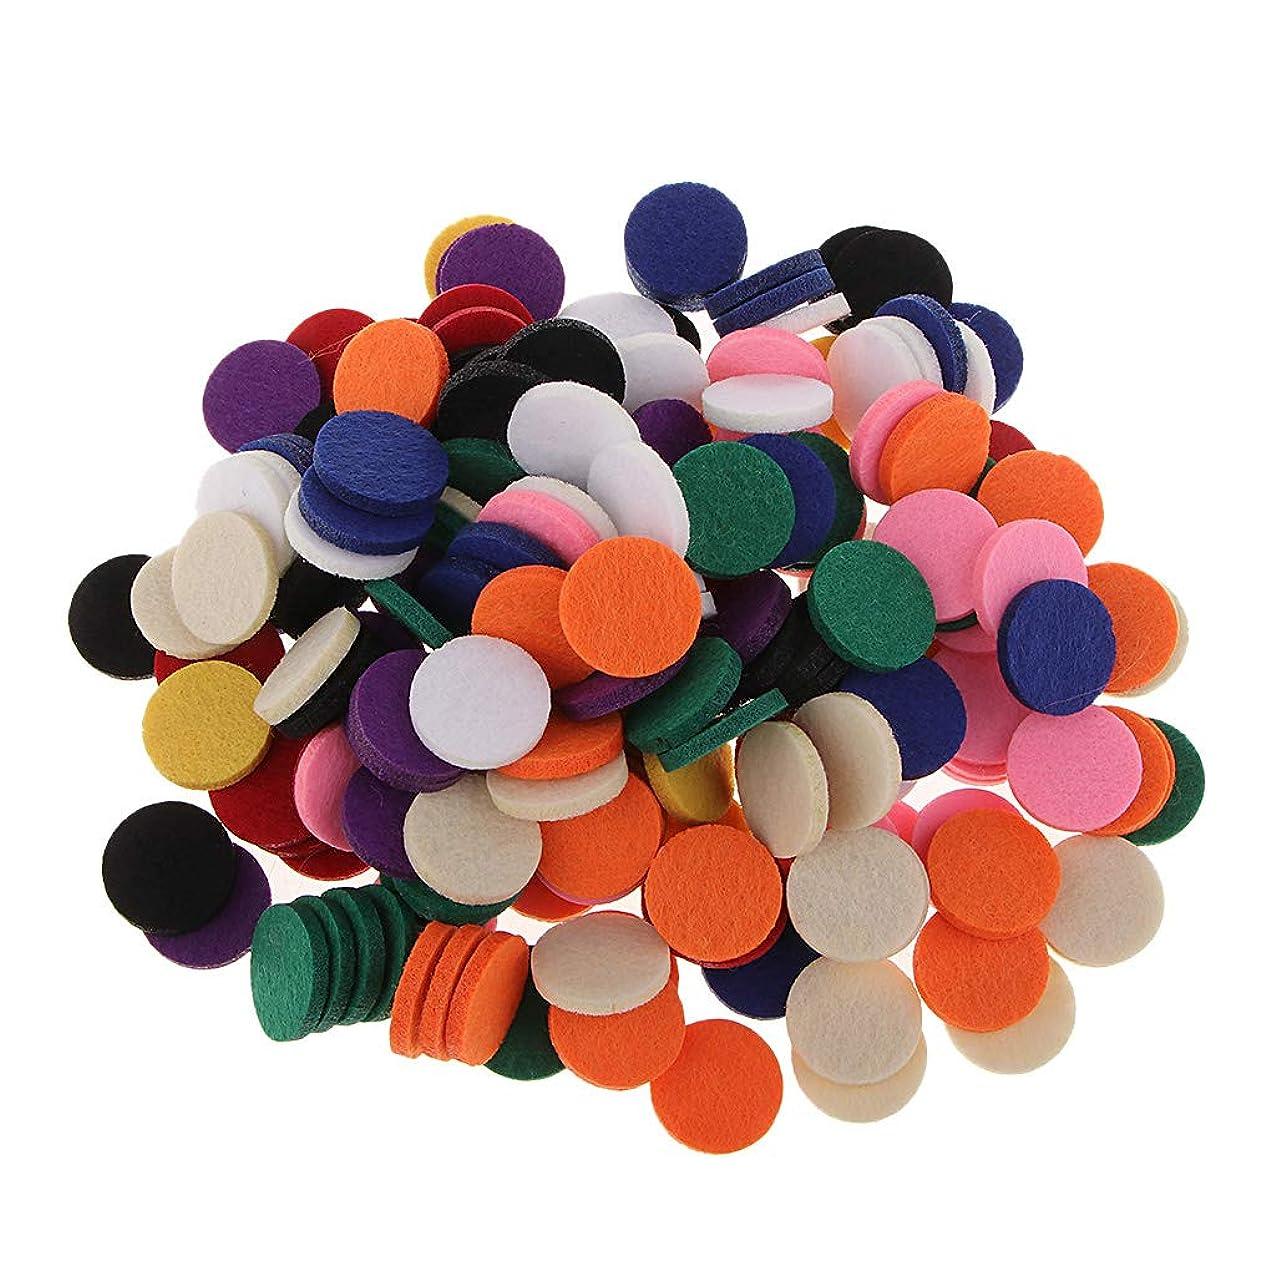 アーチ理容師機構Perfeclan アロマオイルパッド アロマパッド 詰め替えパッド チェアマット 高い吸収性 香水 全11色 約200個入り - 混在